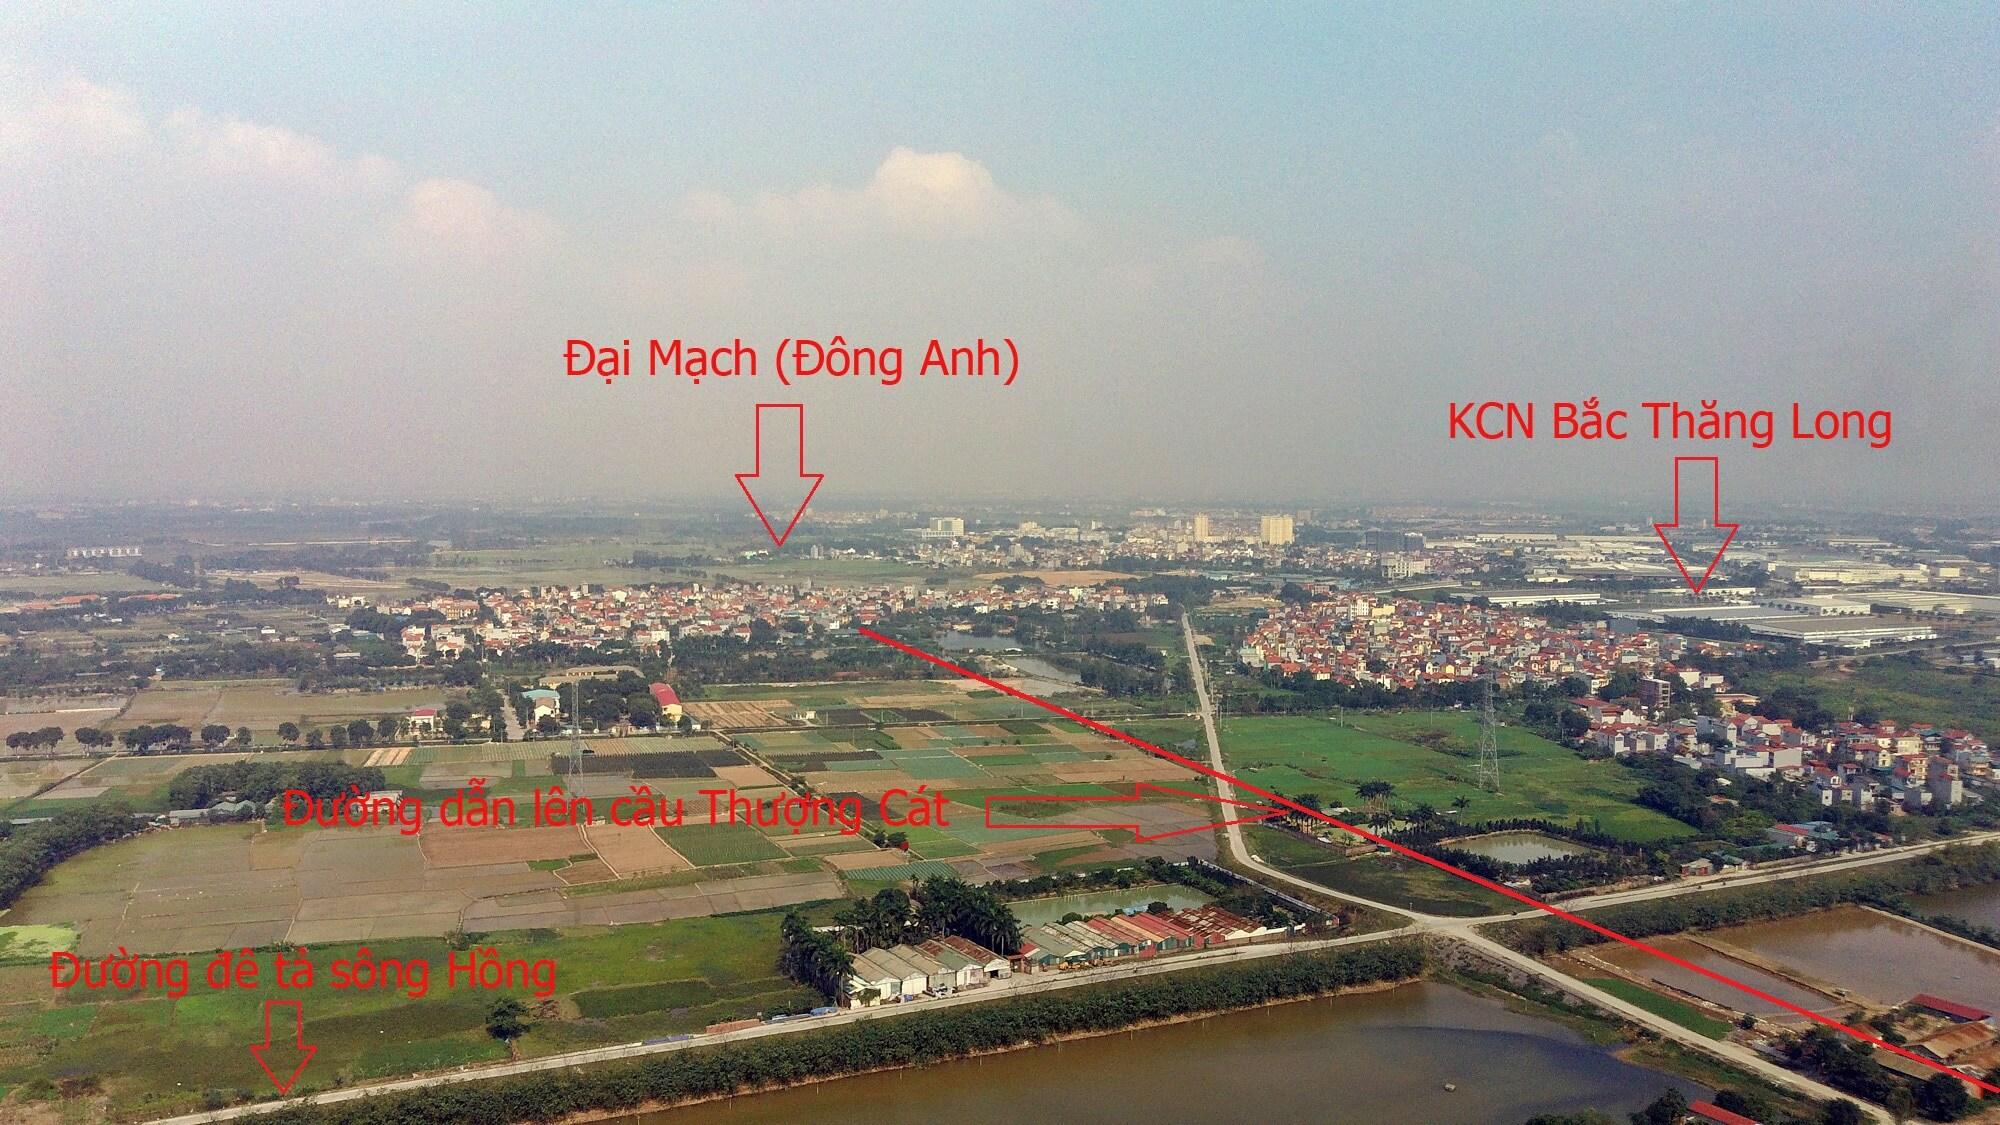 Theo đó, cầu Thượng Cát sẽ kết nối giao thông giữa đường vành đai 3,5 đến đường Hoàng Sa.